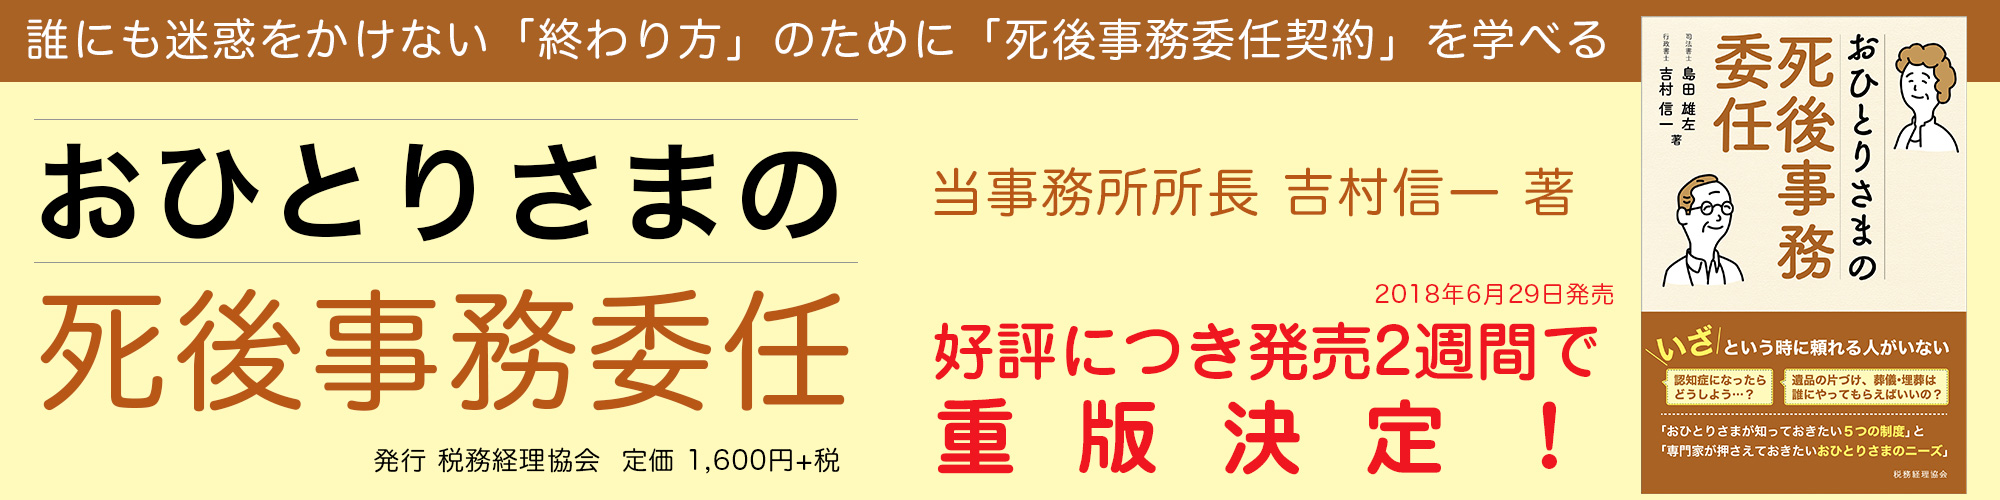 当事務所所長 吉村信一著 おひとりさまの死後事務委任 好評発売中